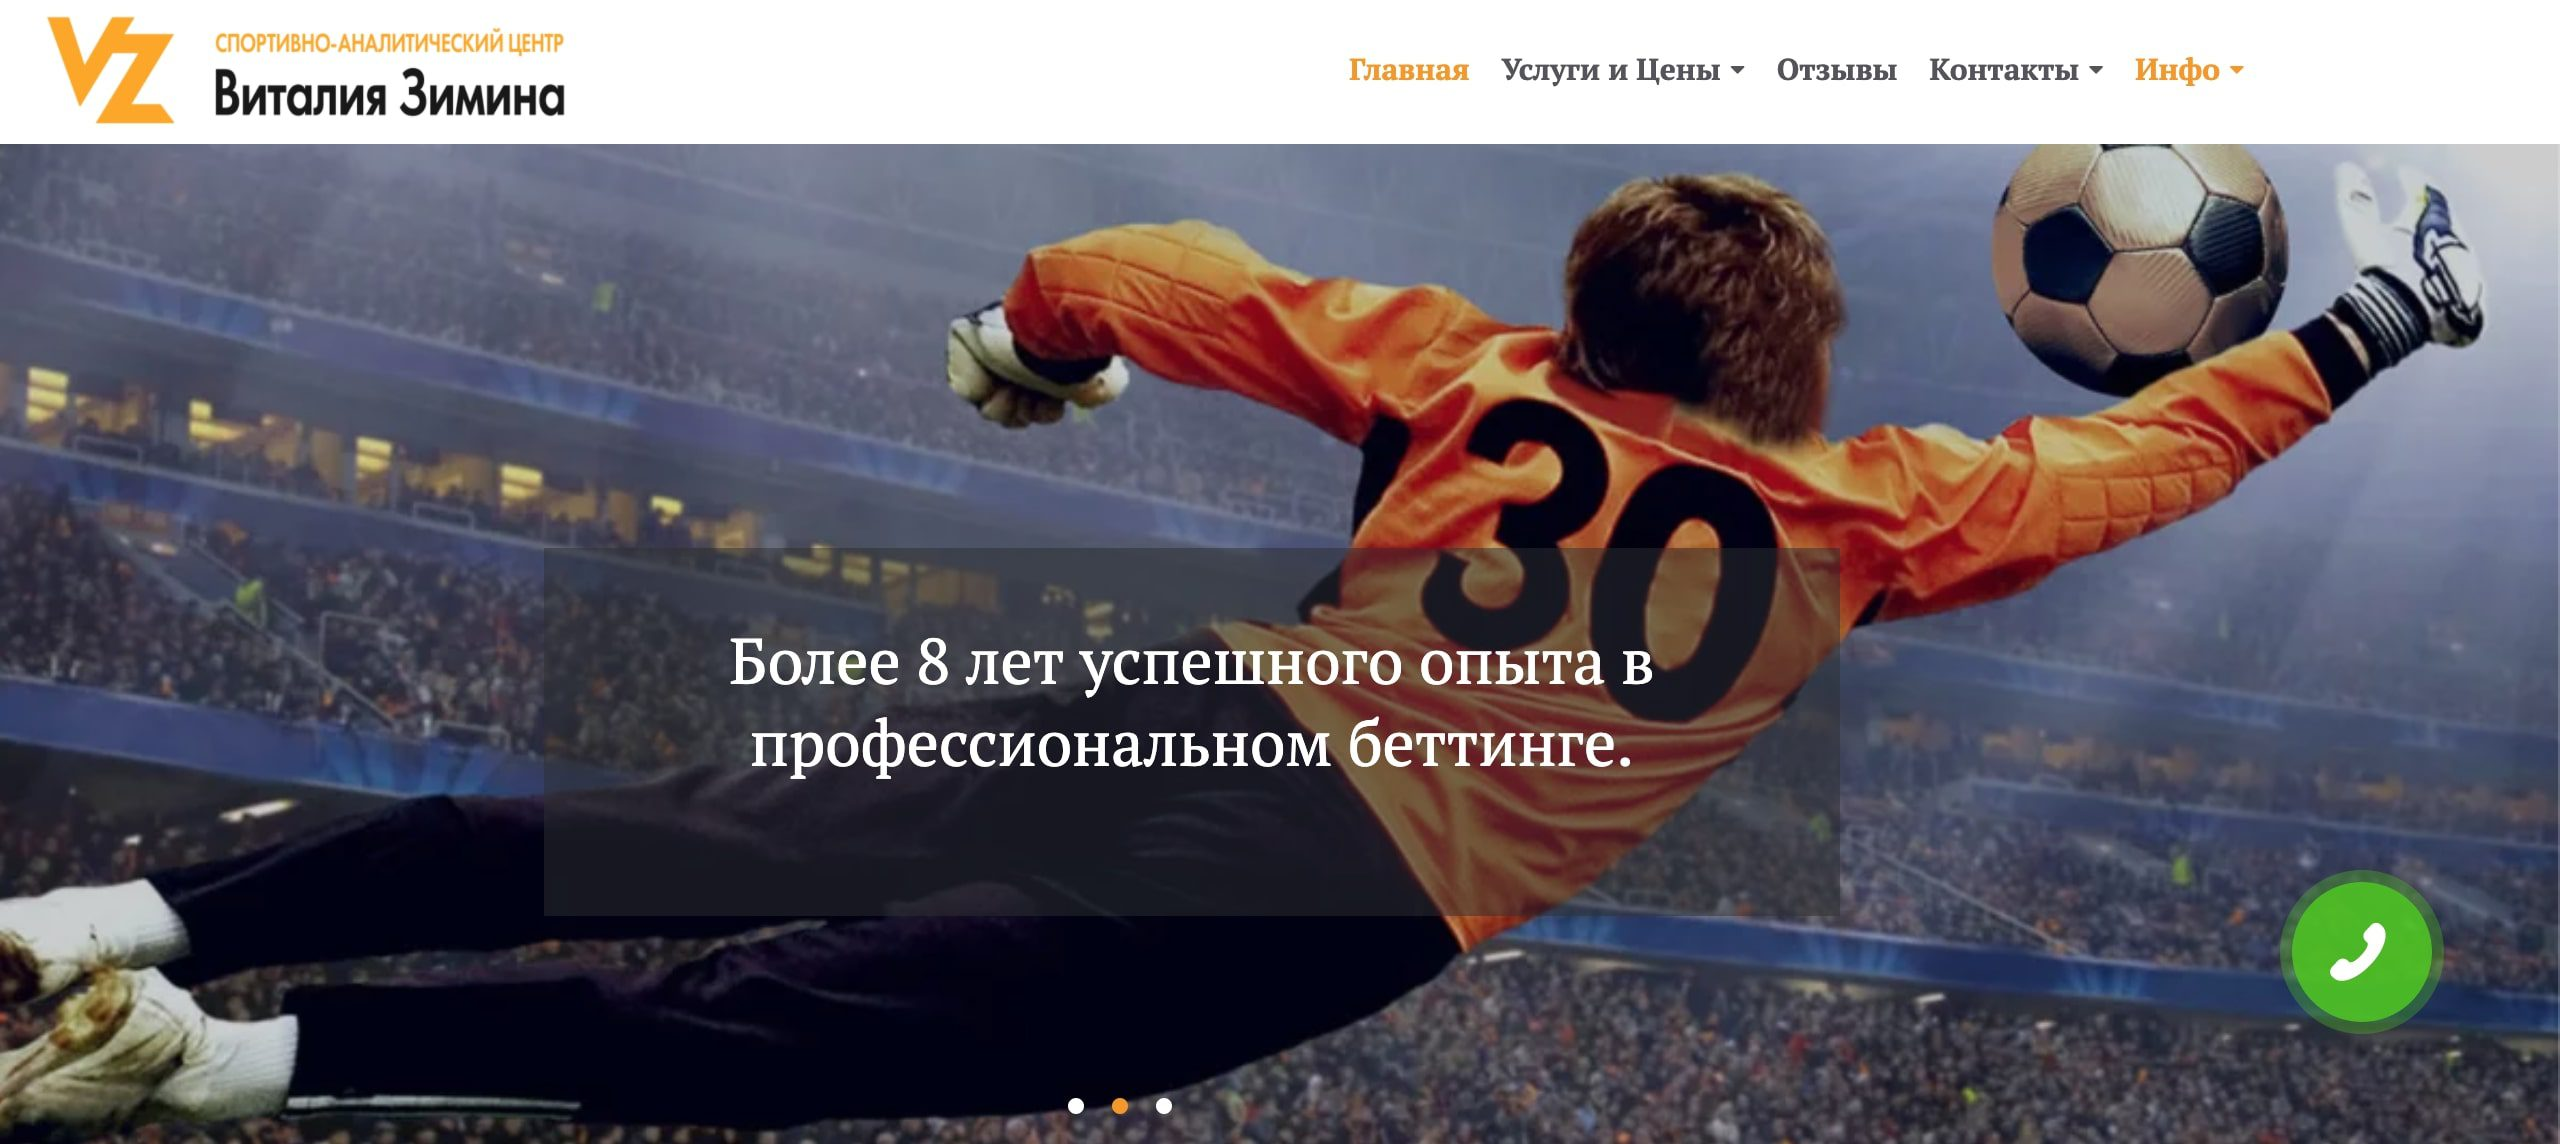 Главная страница каппера Виталия Зимина